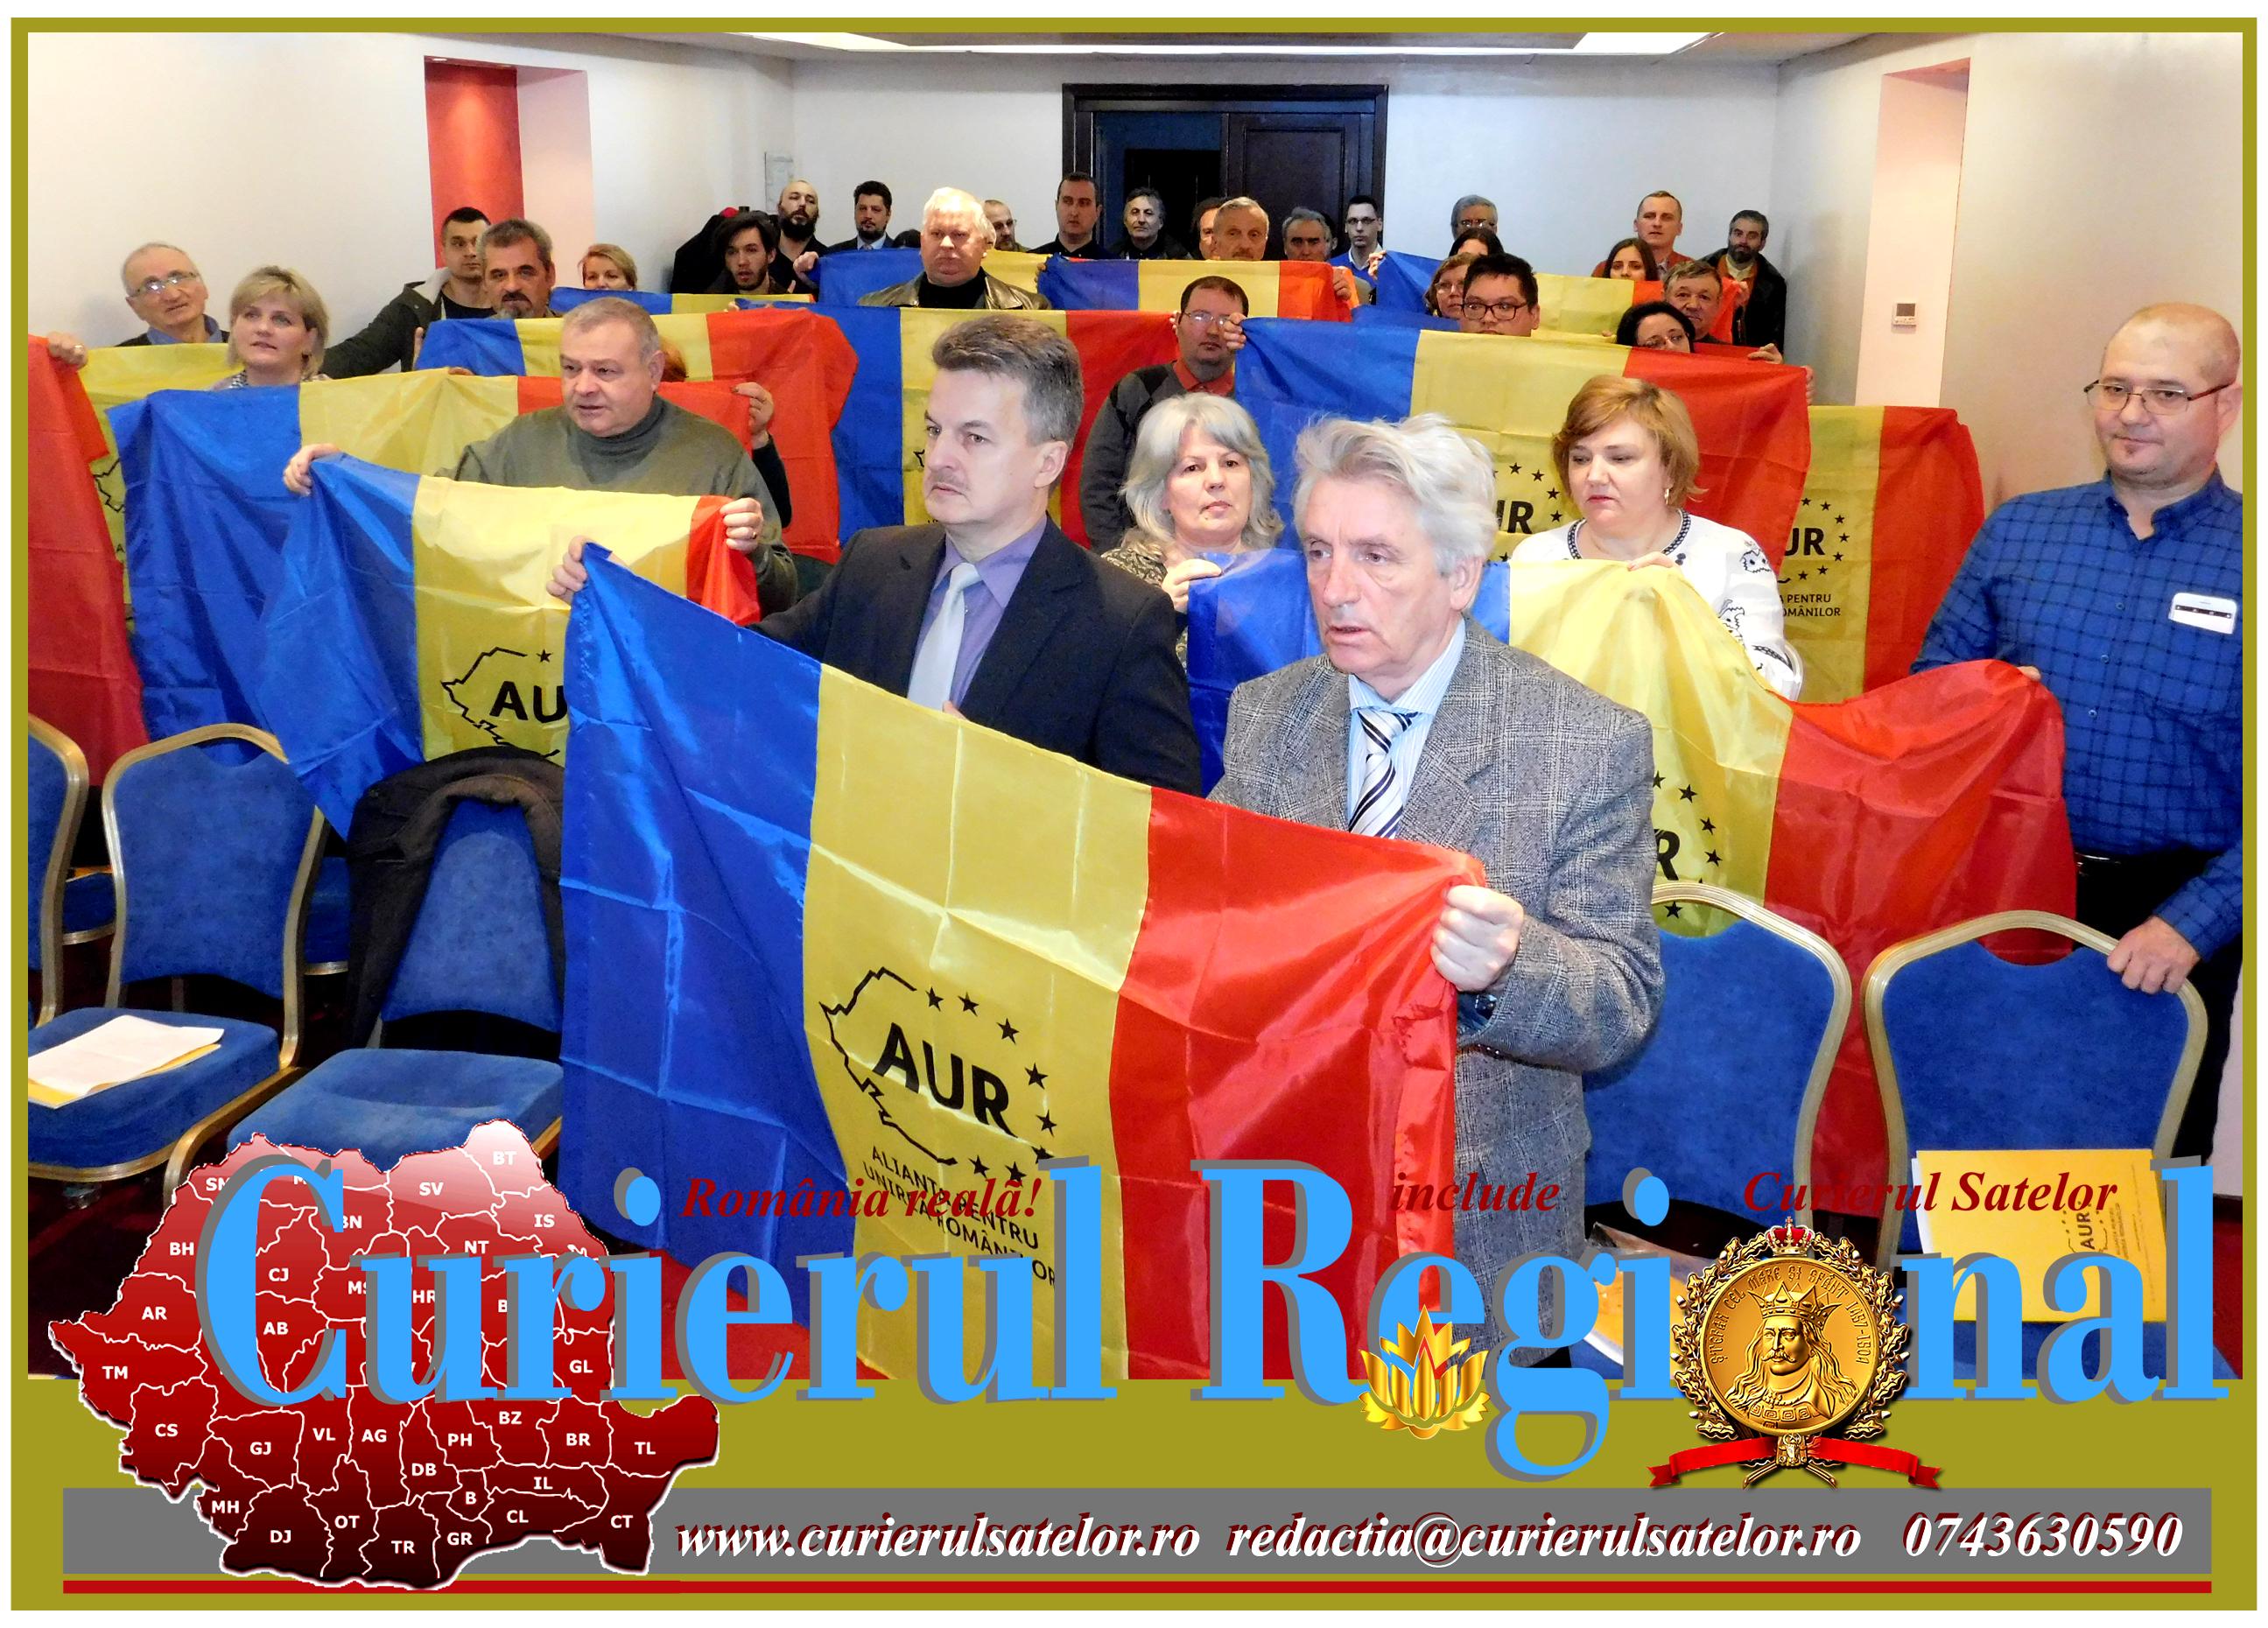 Partidul de AUR al lui George Simion s-a lansat și la Botoșani 17